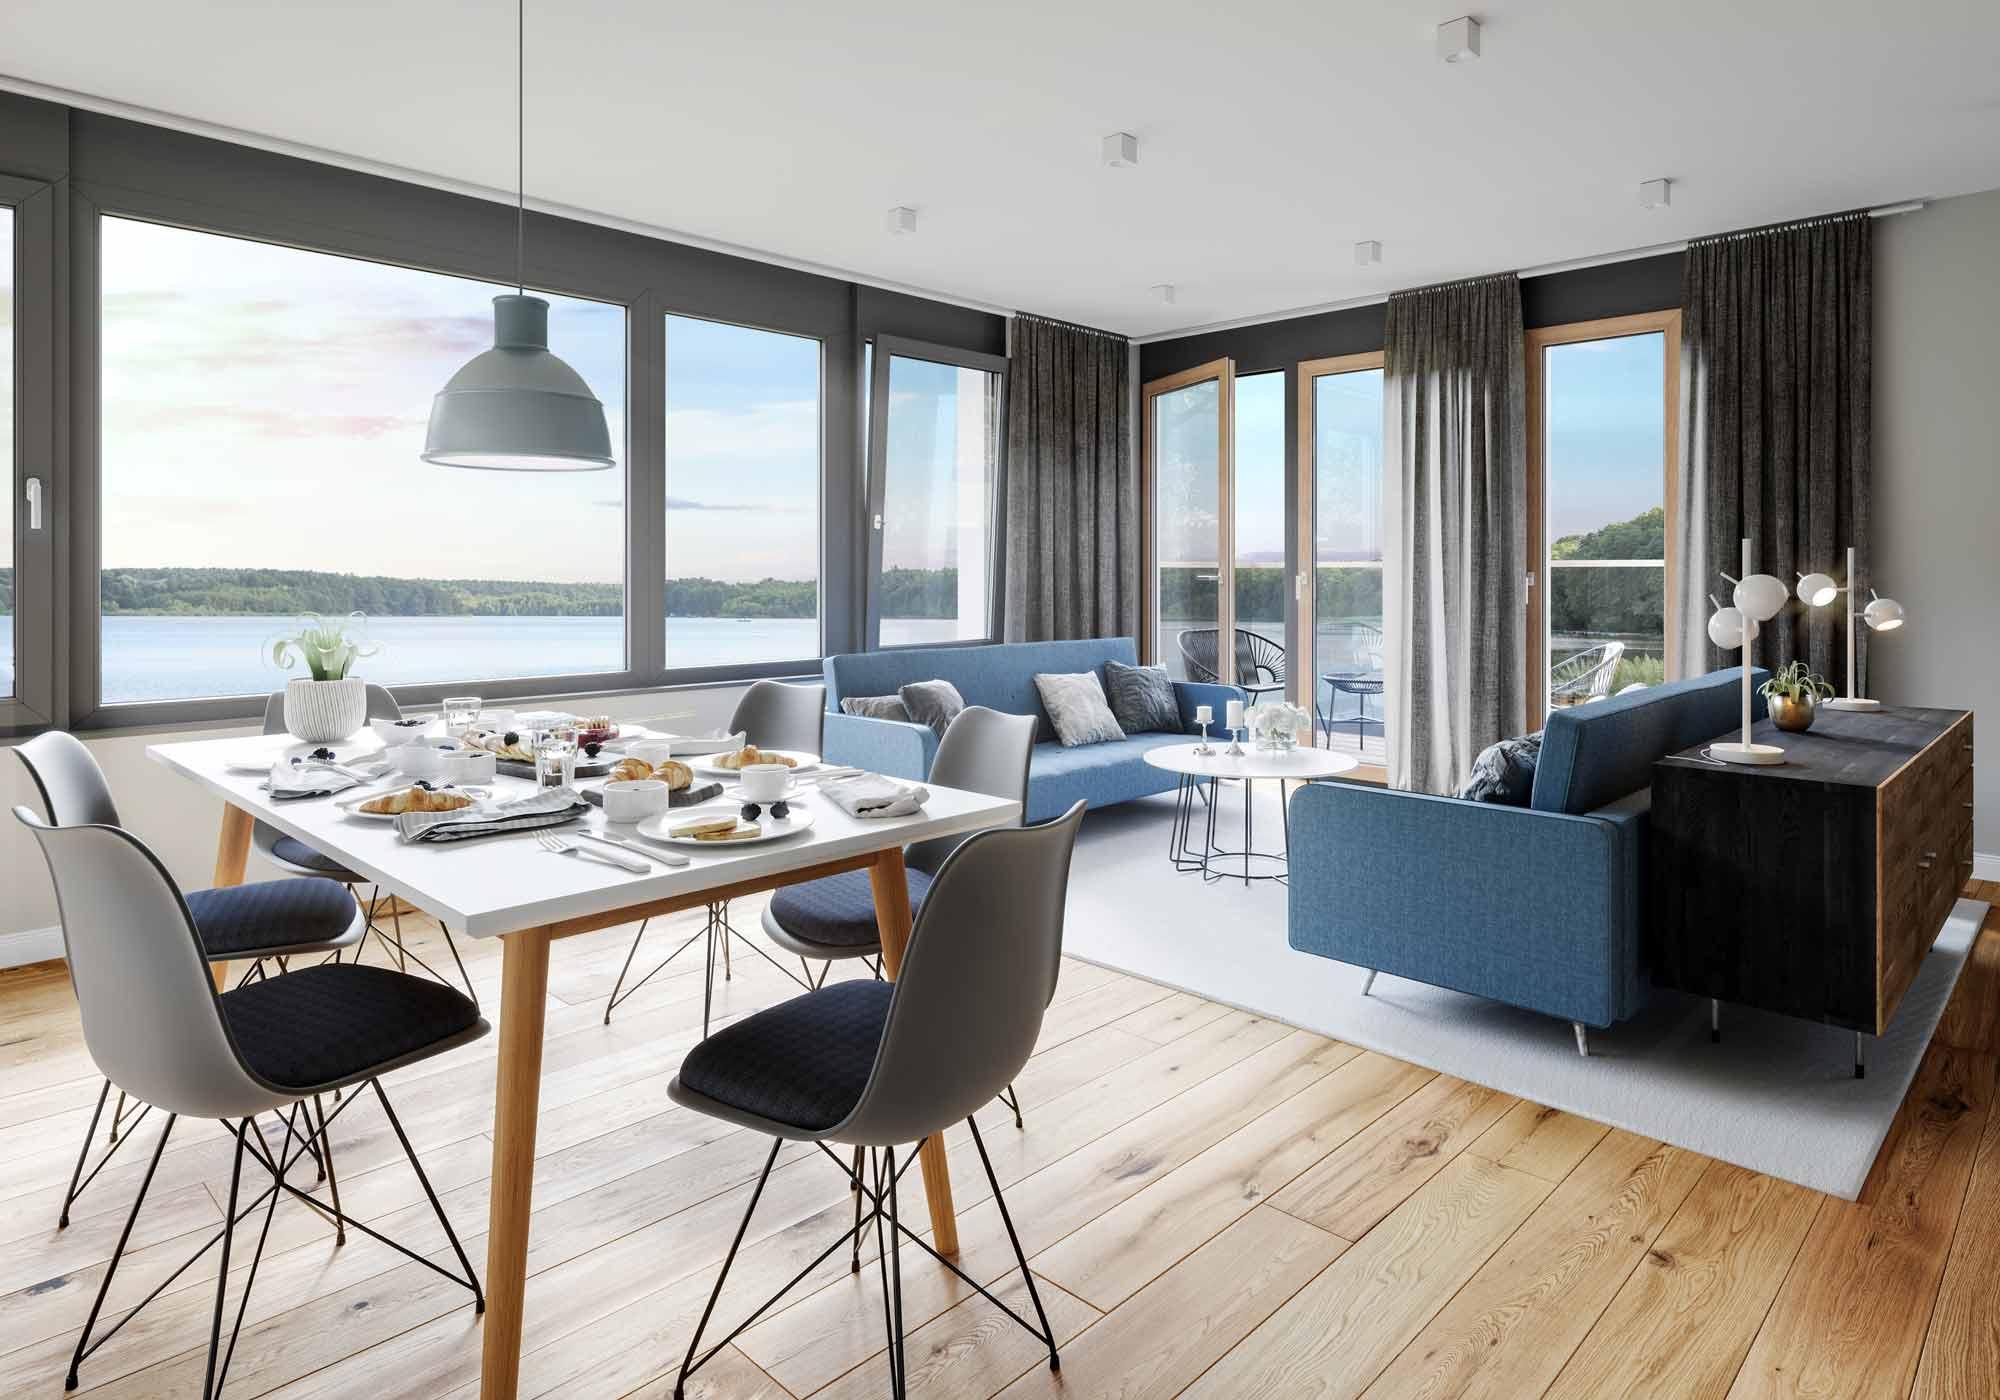 Berlin: Living Lichterfelde West 3 moderne, großzügige und helle Eigentumswohnungen